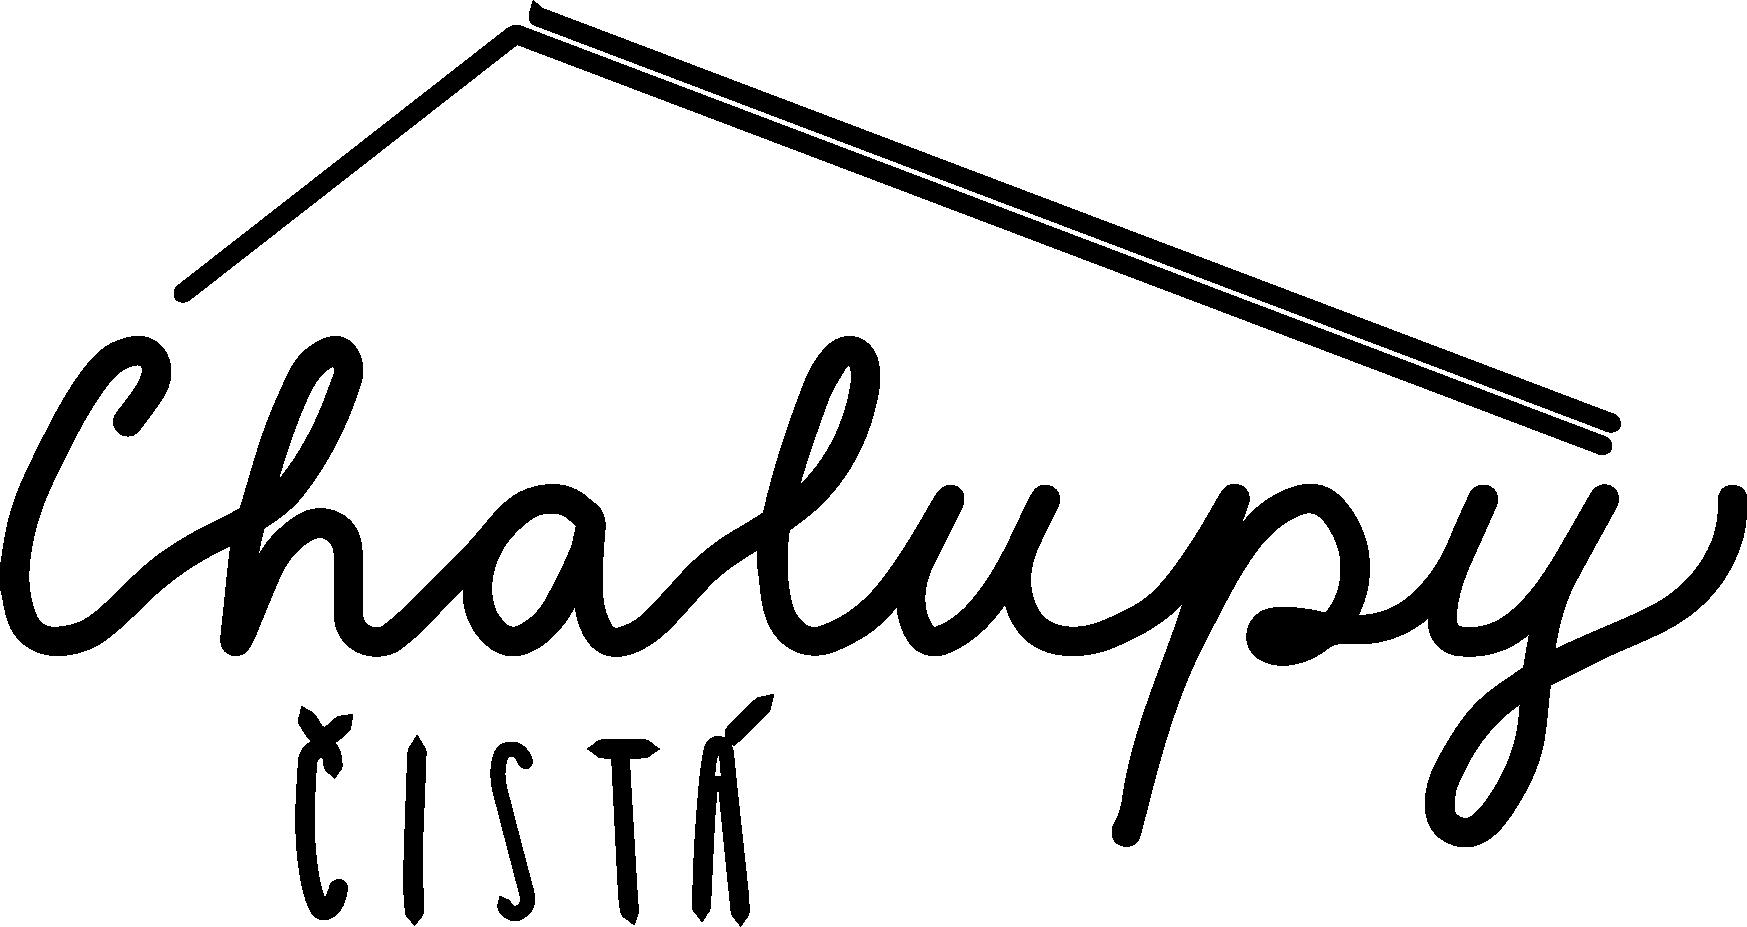 Chalupy Čistá